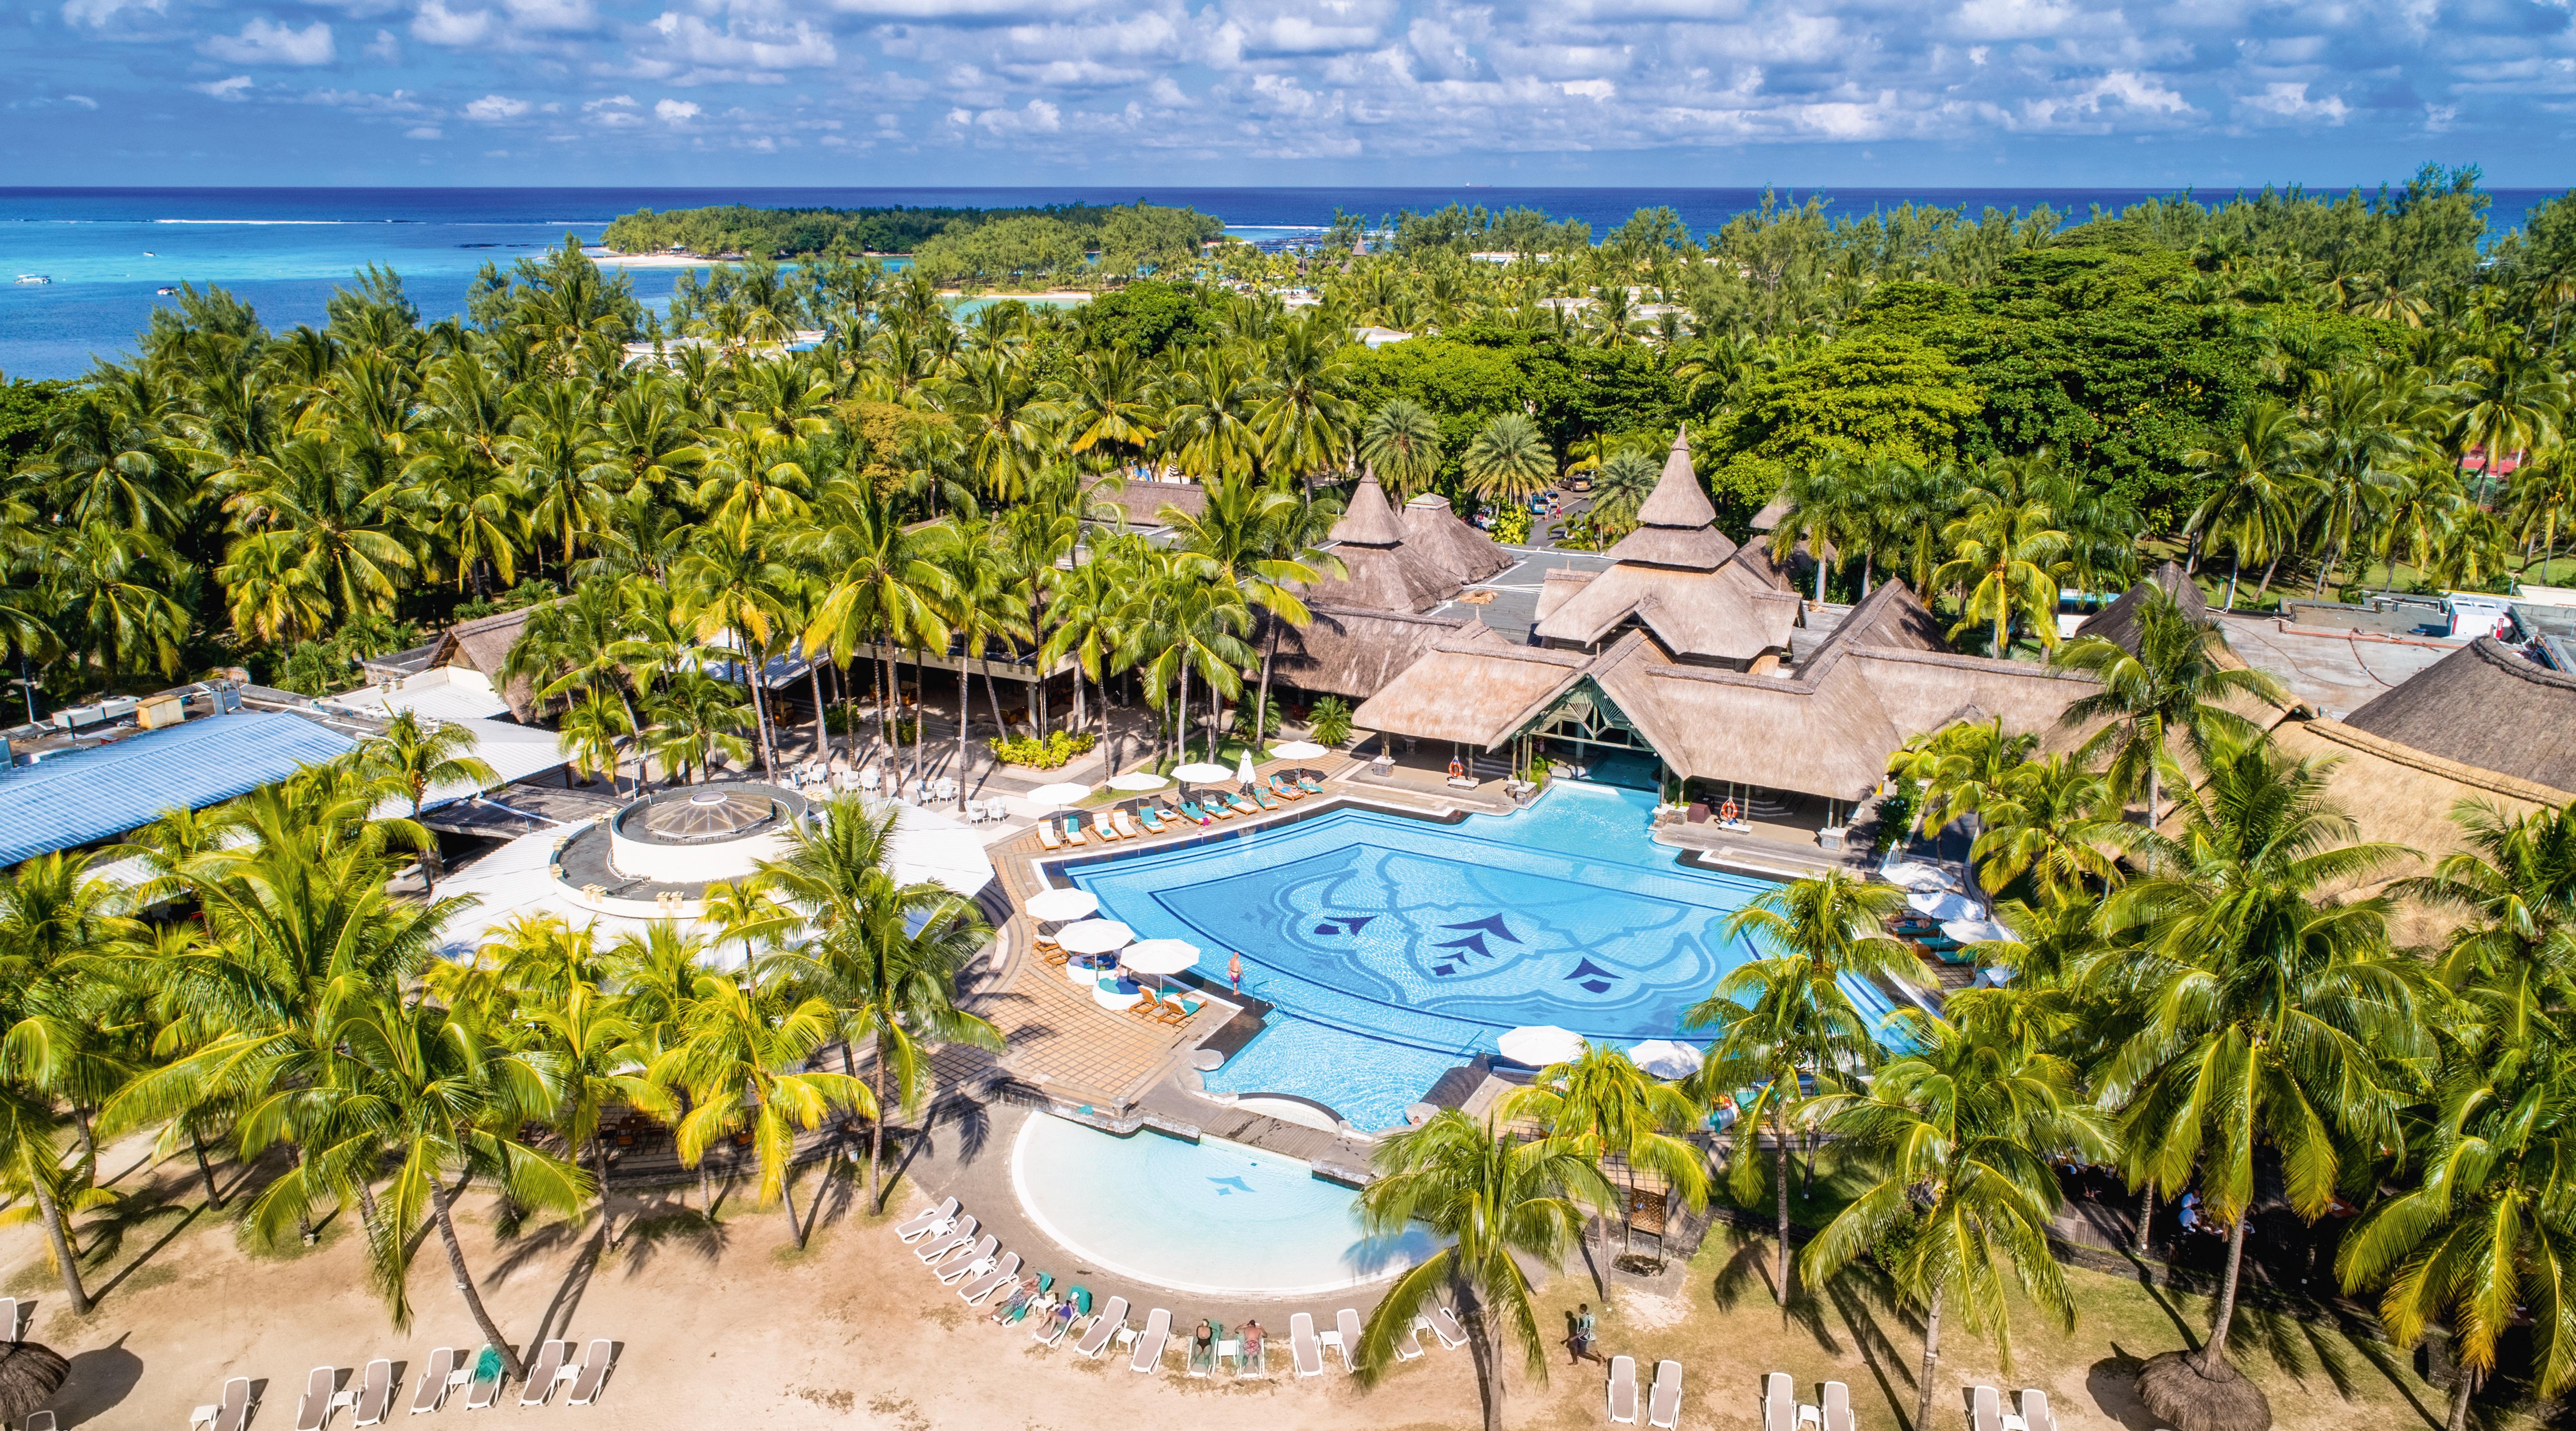 shandrani-5-star-beach-resort